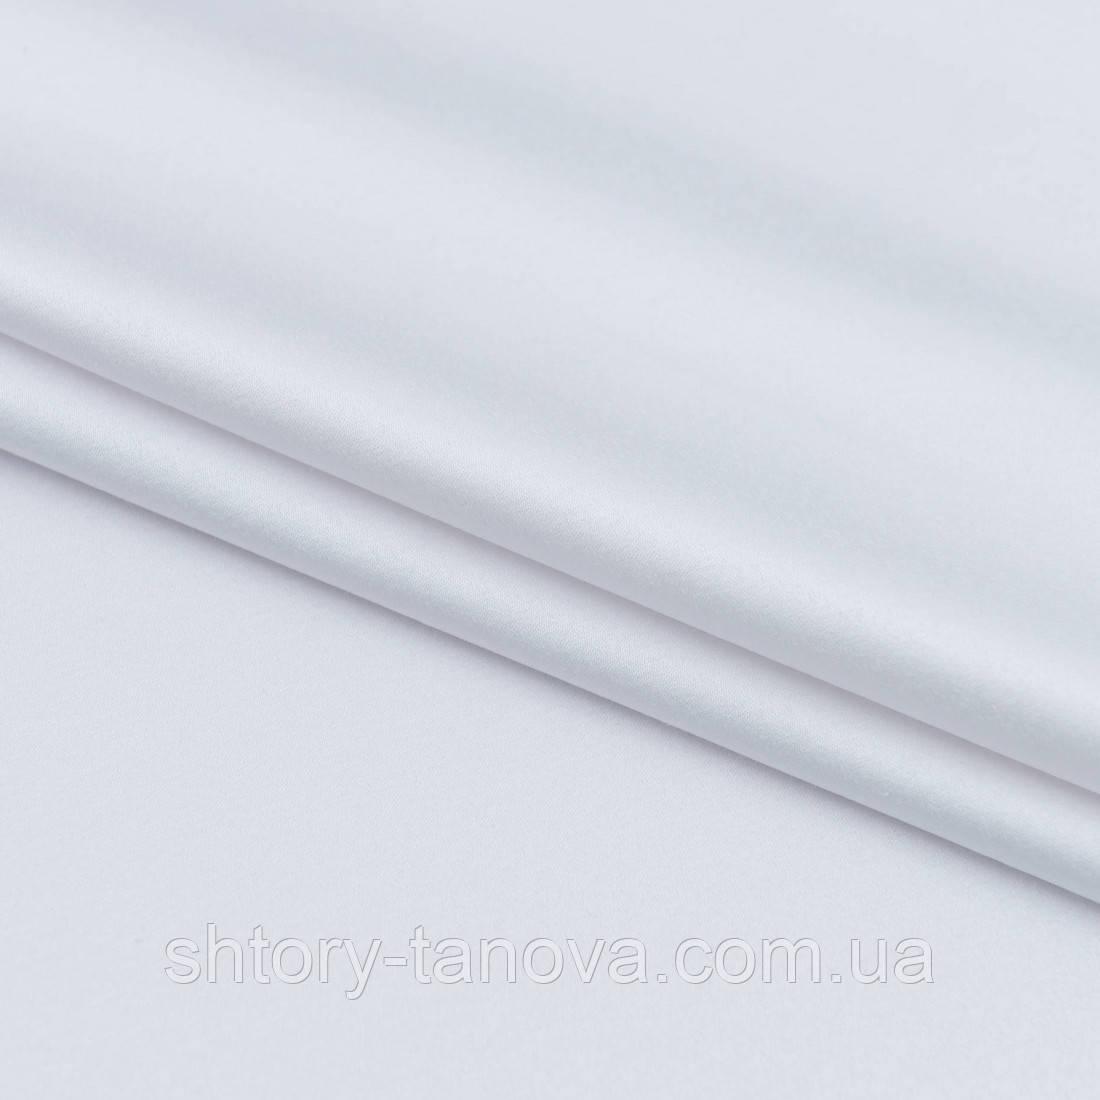 Декоративный сатин прада белый